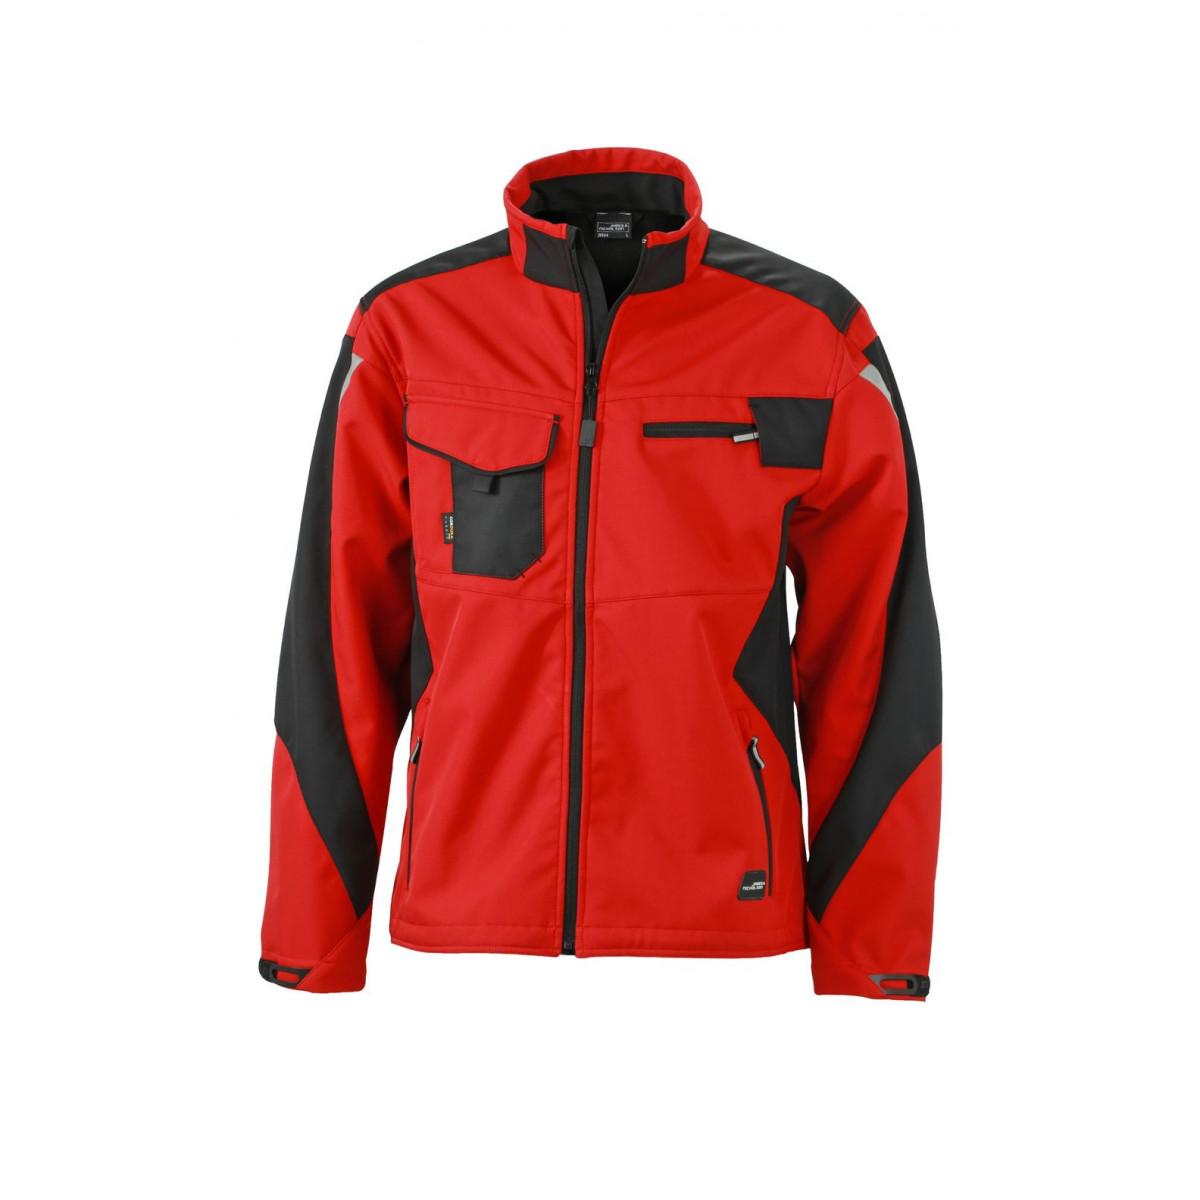 Куртка мужская JN844 Workwear Softshell Jacket - Красный/Черный